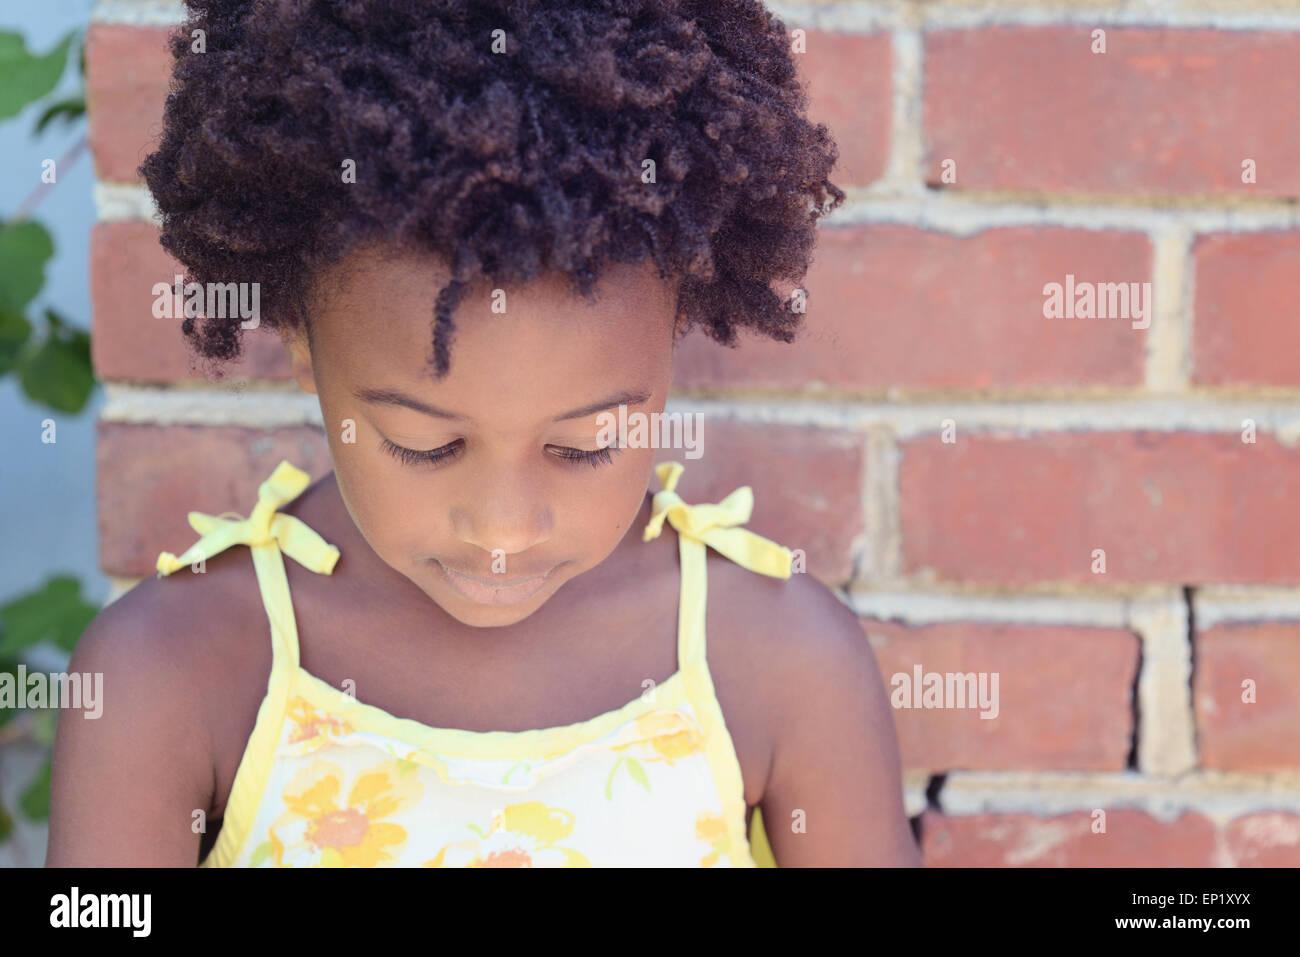 Retrato de un joven afroamericano mirando hacia abajo Imagen De Stock